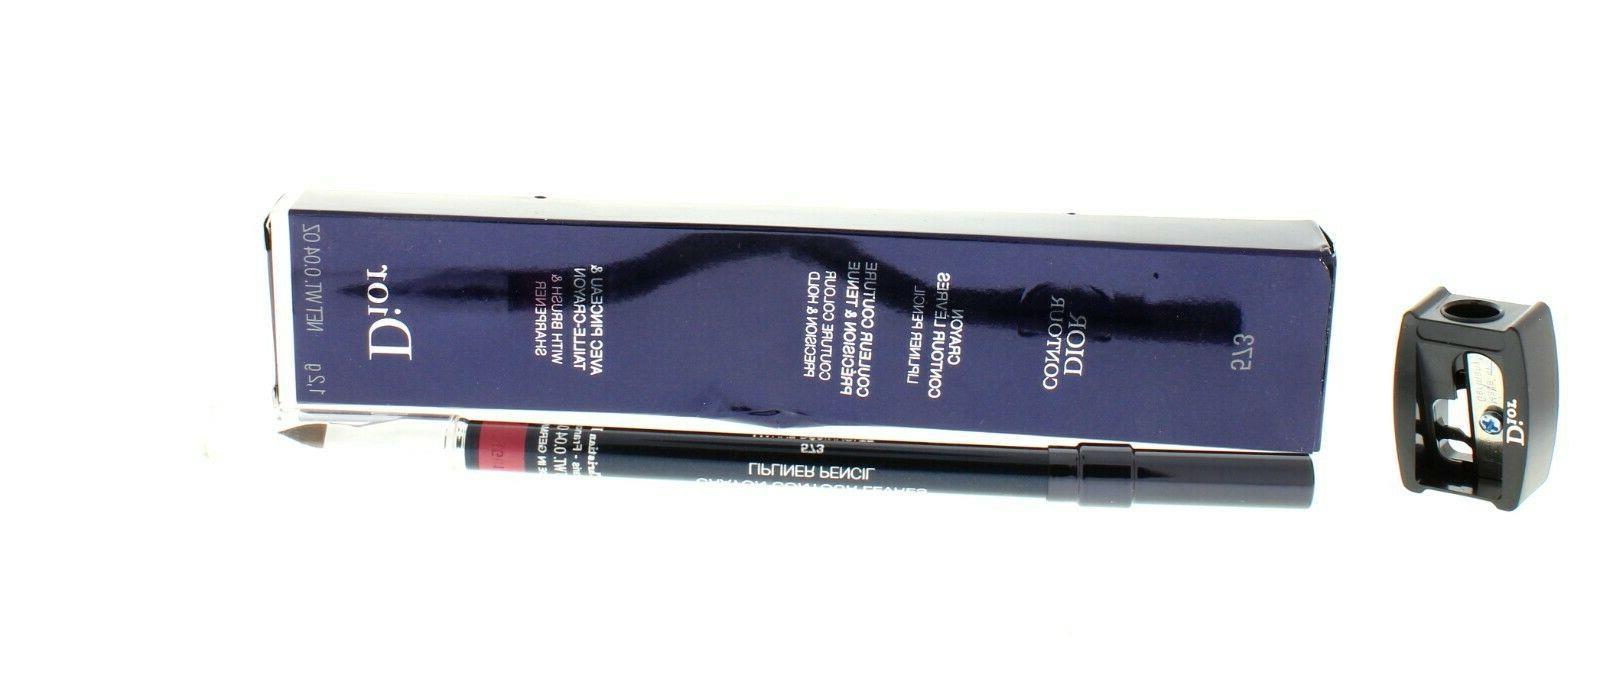 Dior Rouge Contour Pen